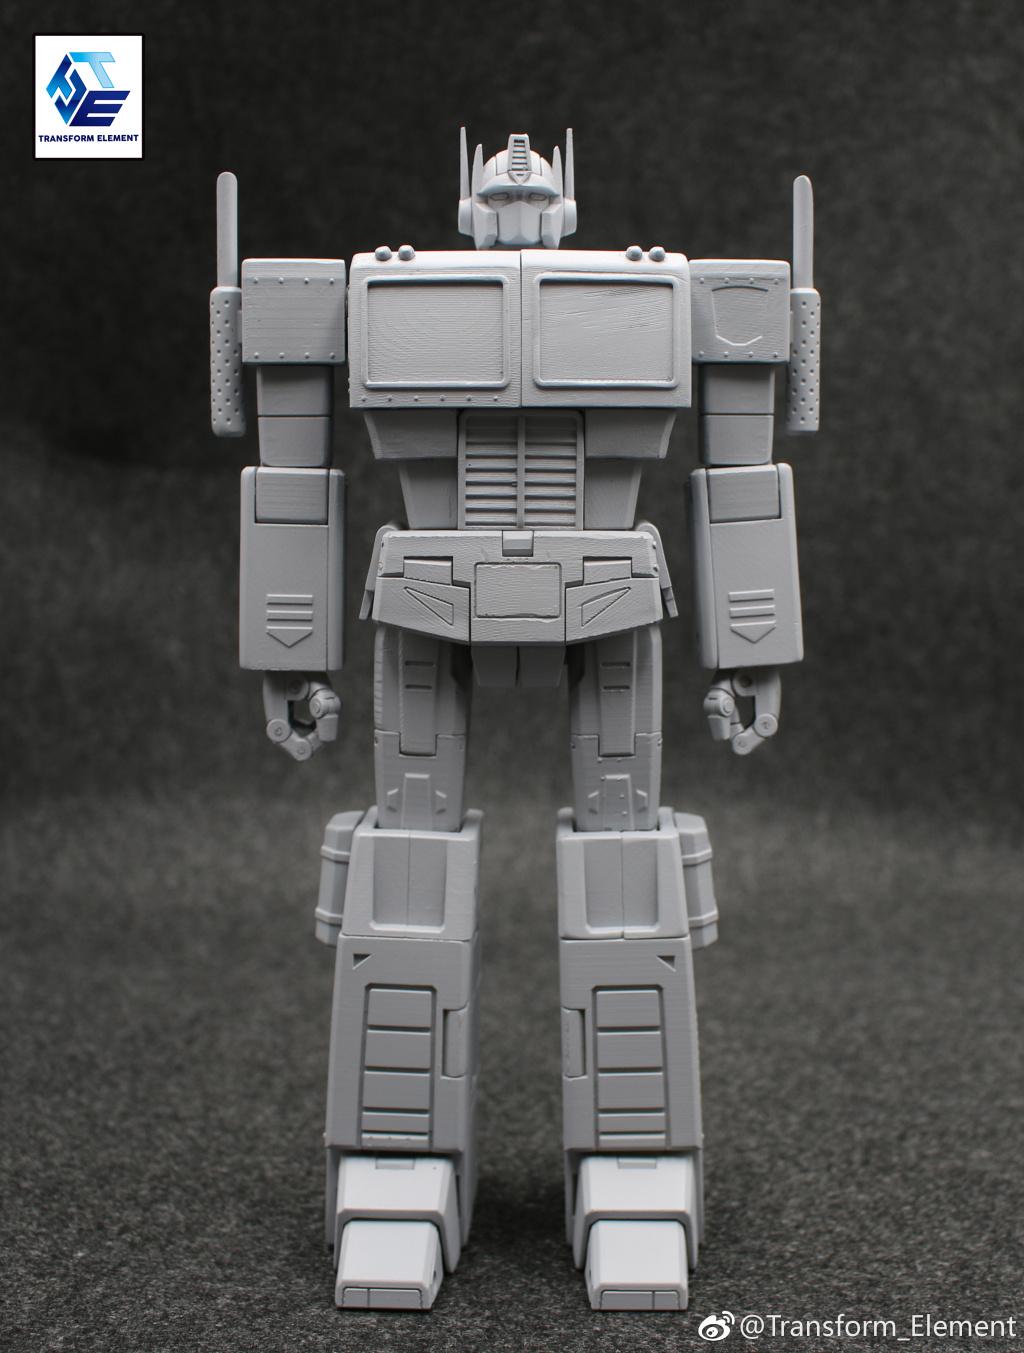 Transform Element Te 01 G1 Optimus Prime Prototype